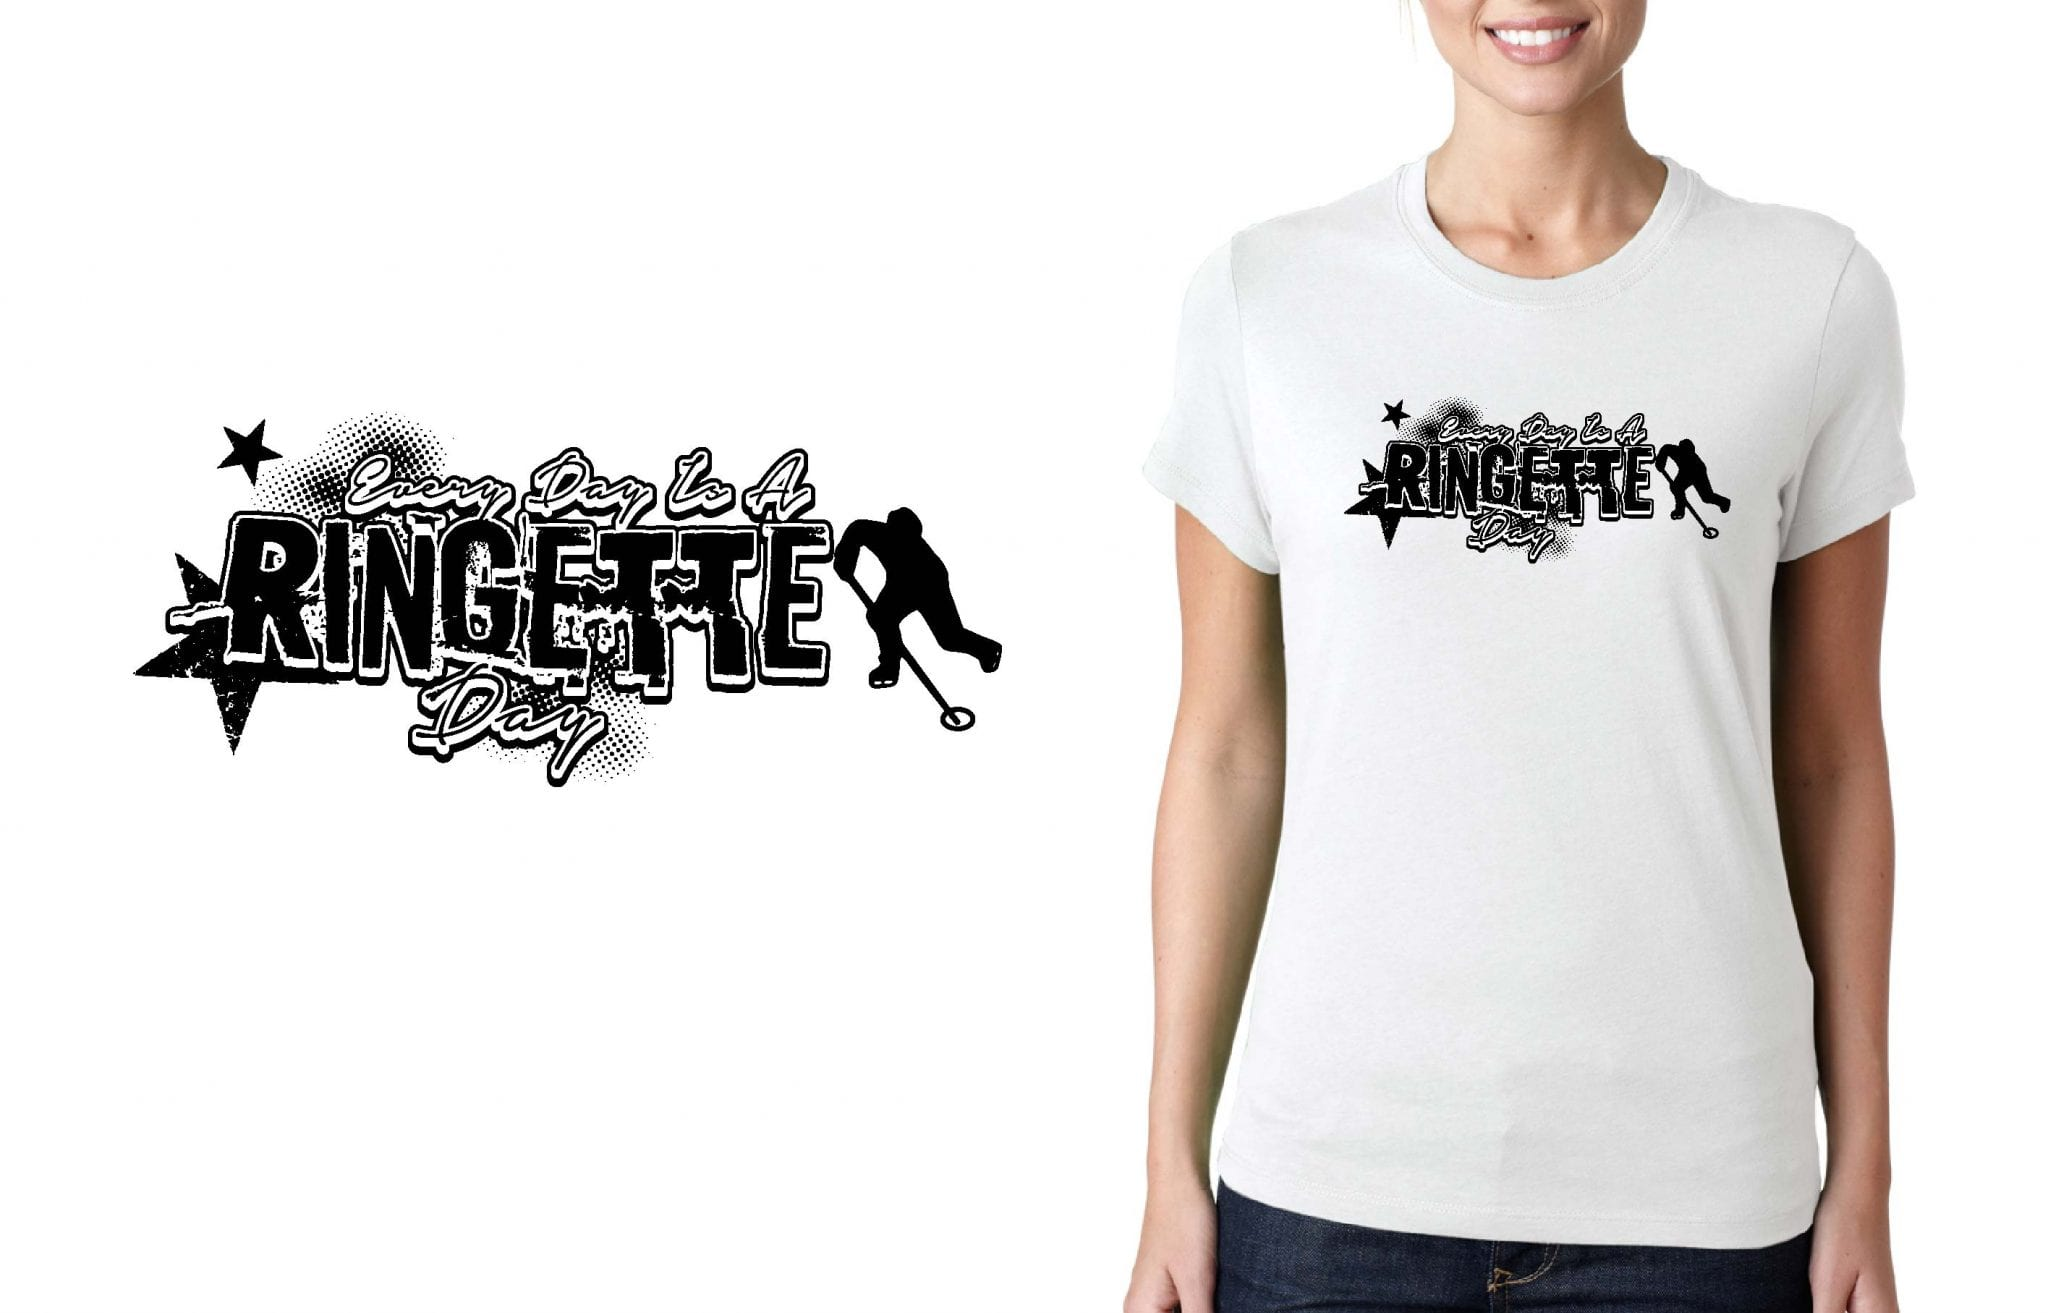 RINGETTE CHAMPIONS LOGO for T-SHIRT UrArtStudio